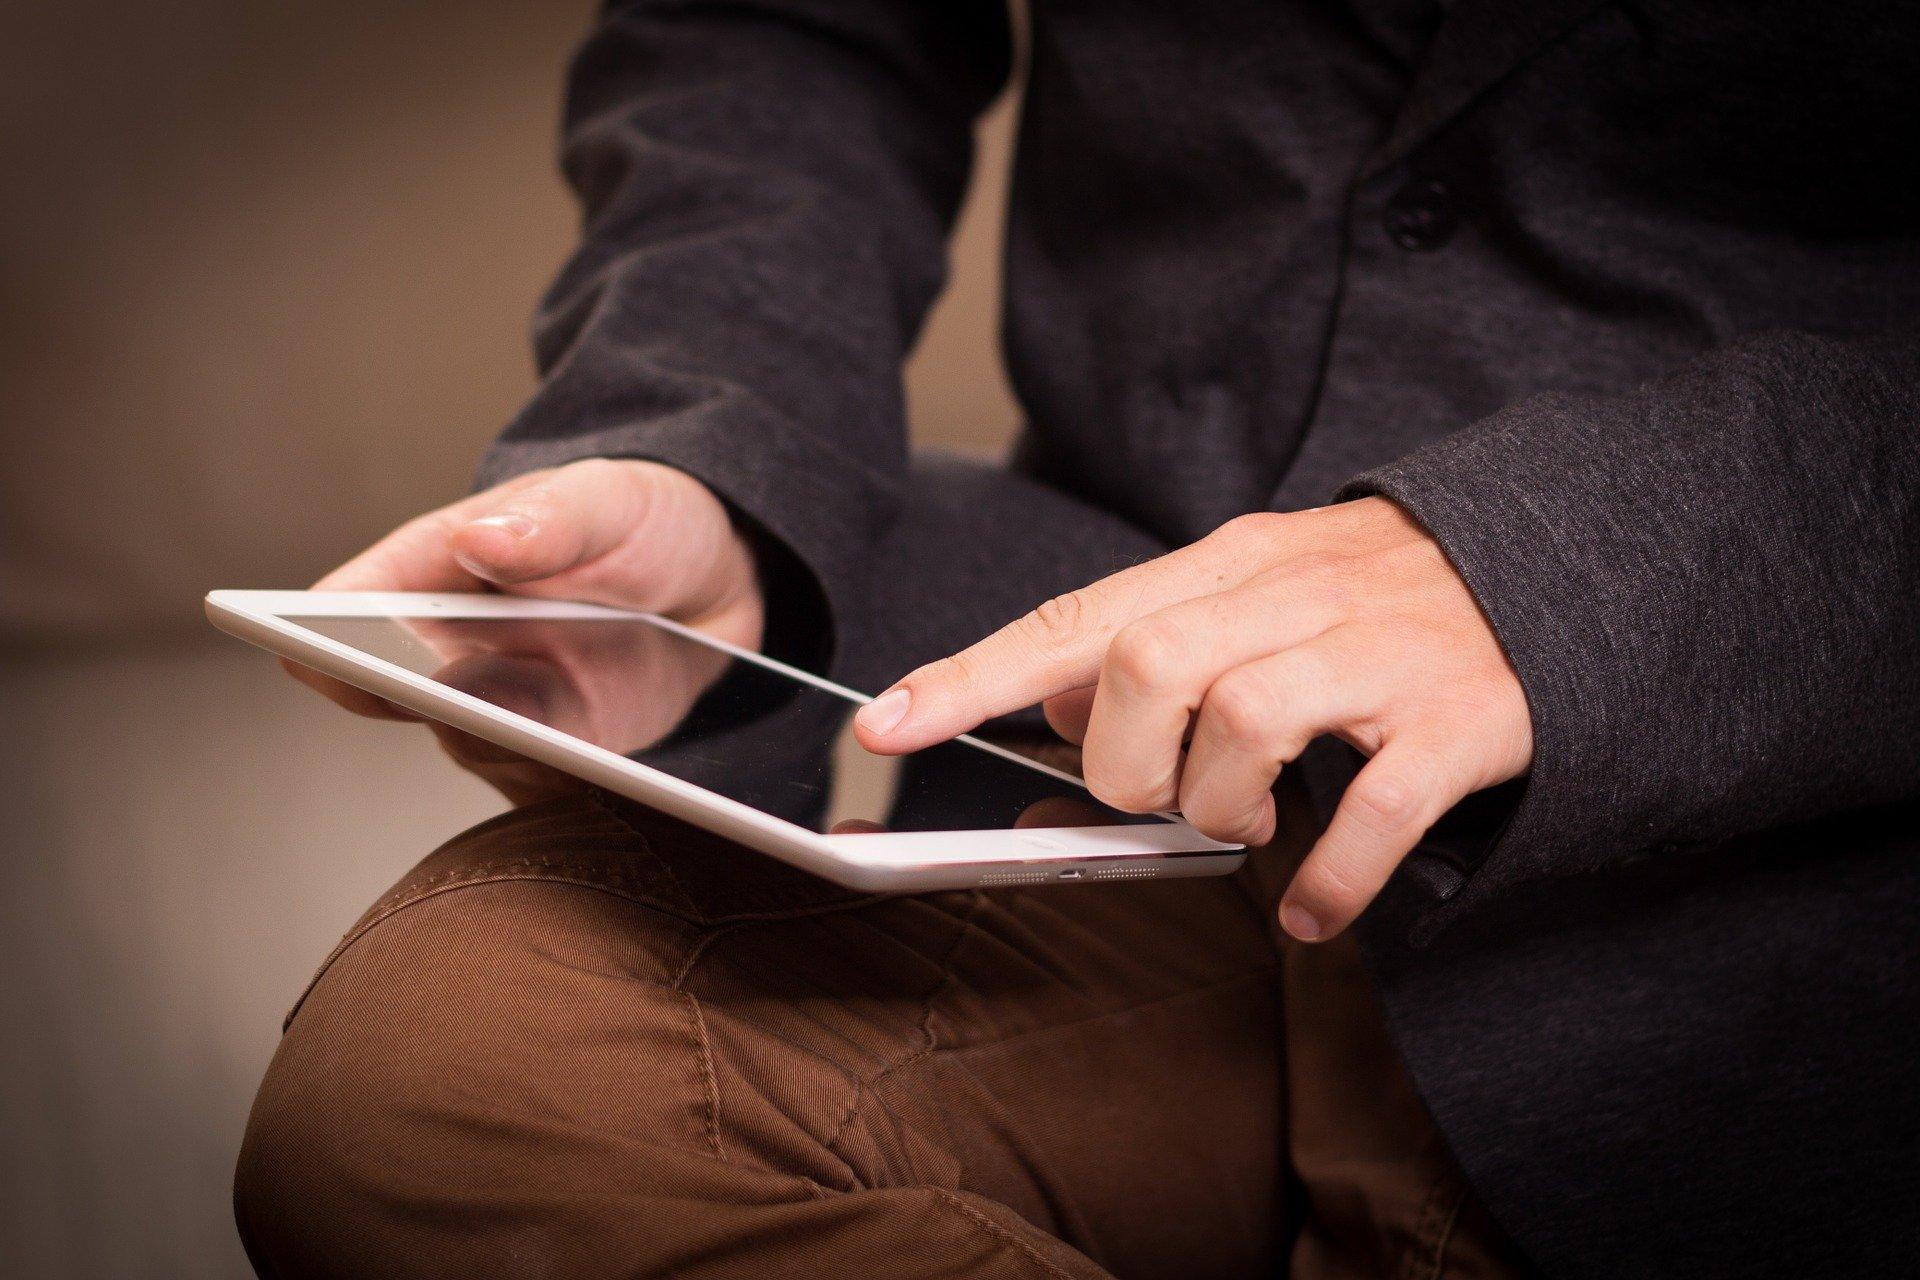 Rollenspiel Tablet